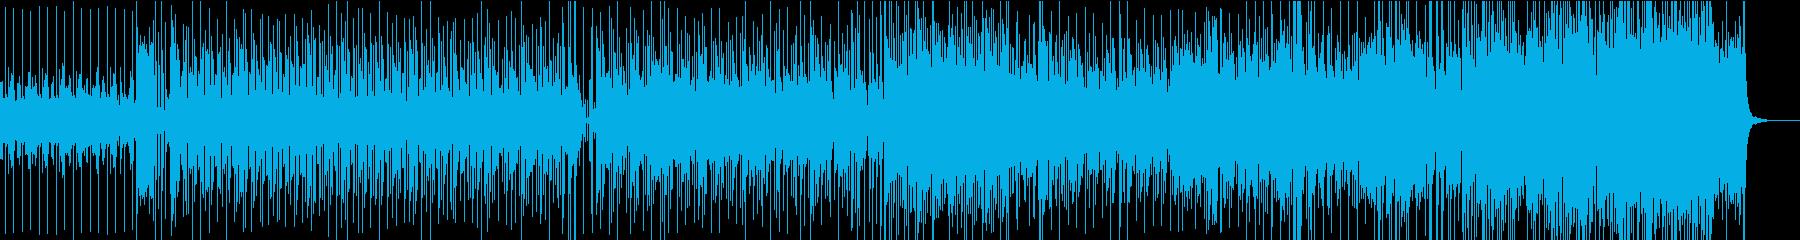 都会的な洗練されたスムースジャズの再生済みの波形